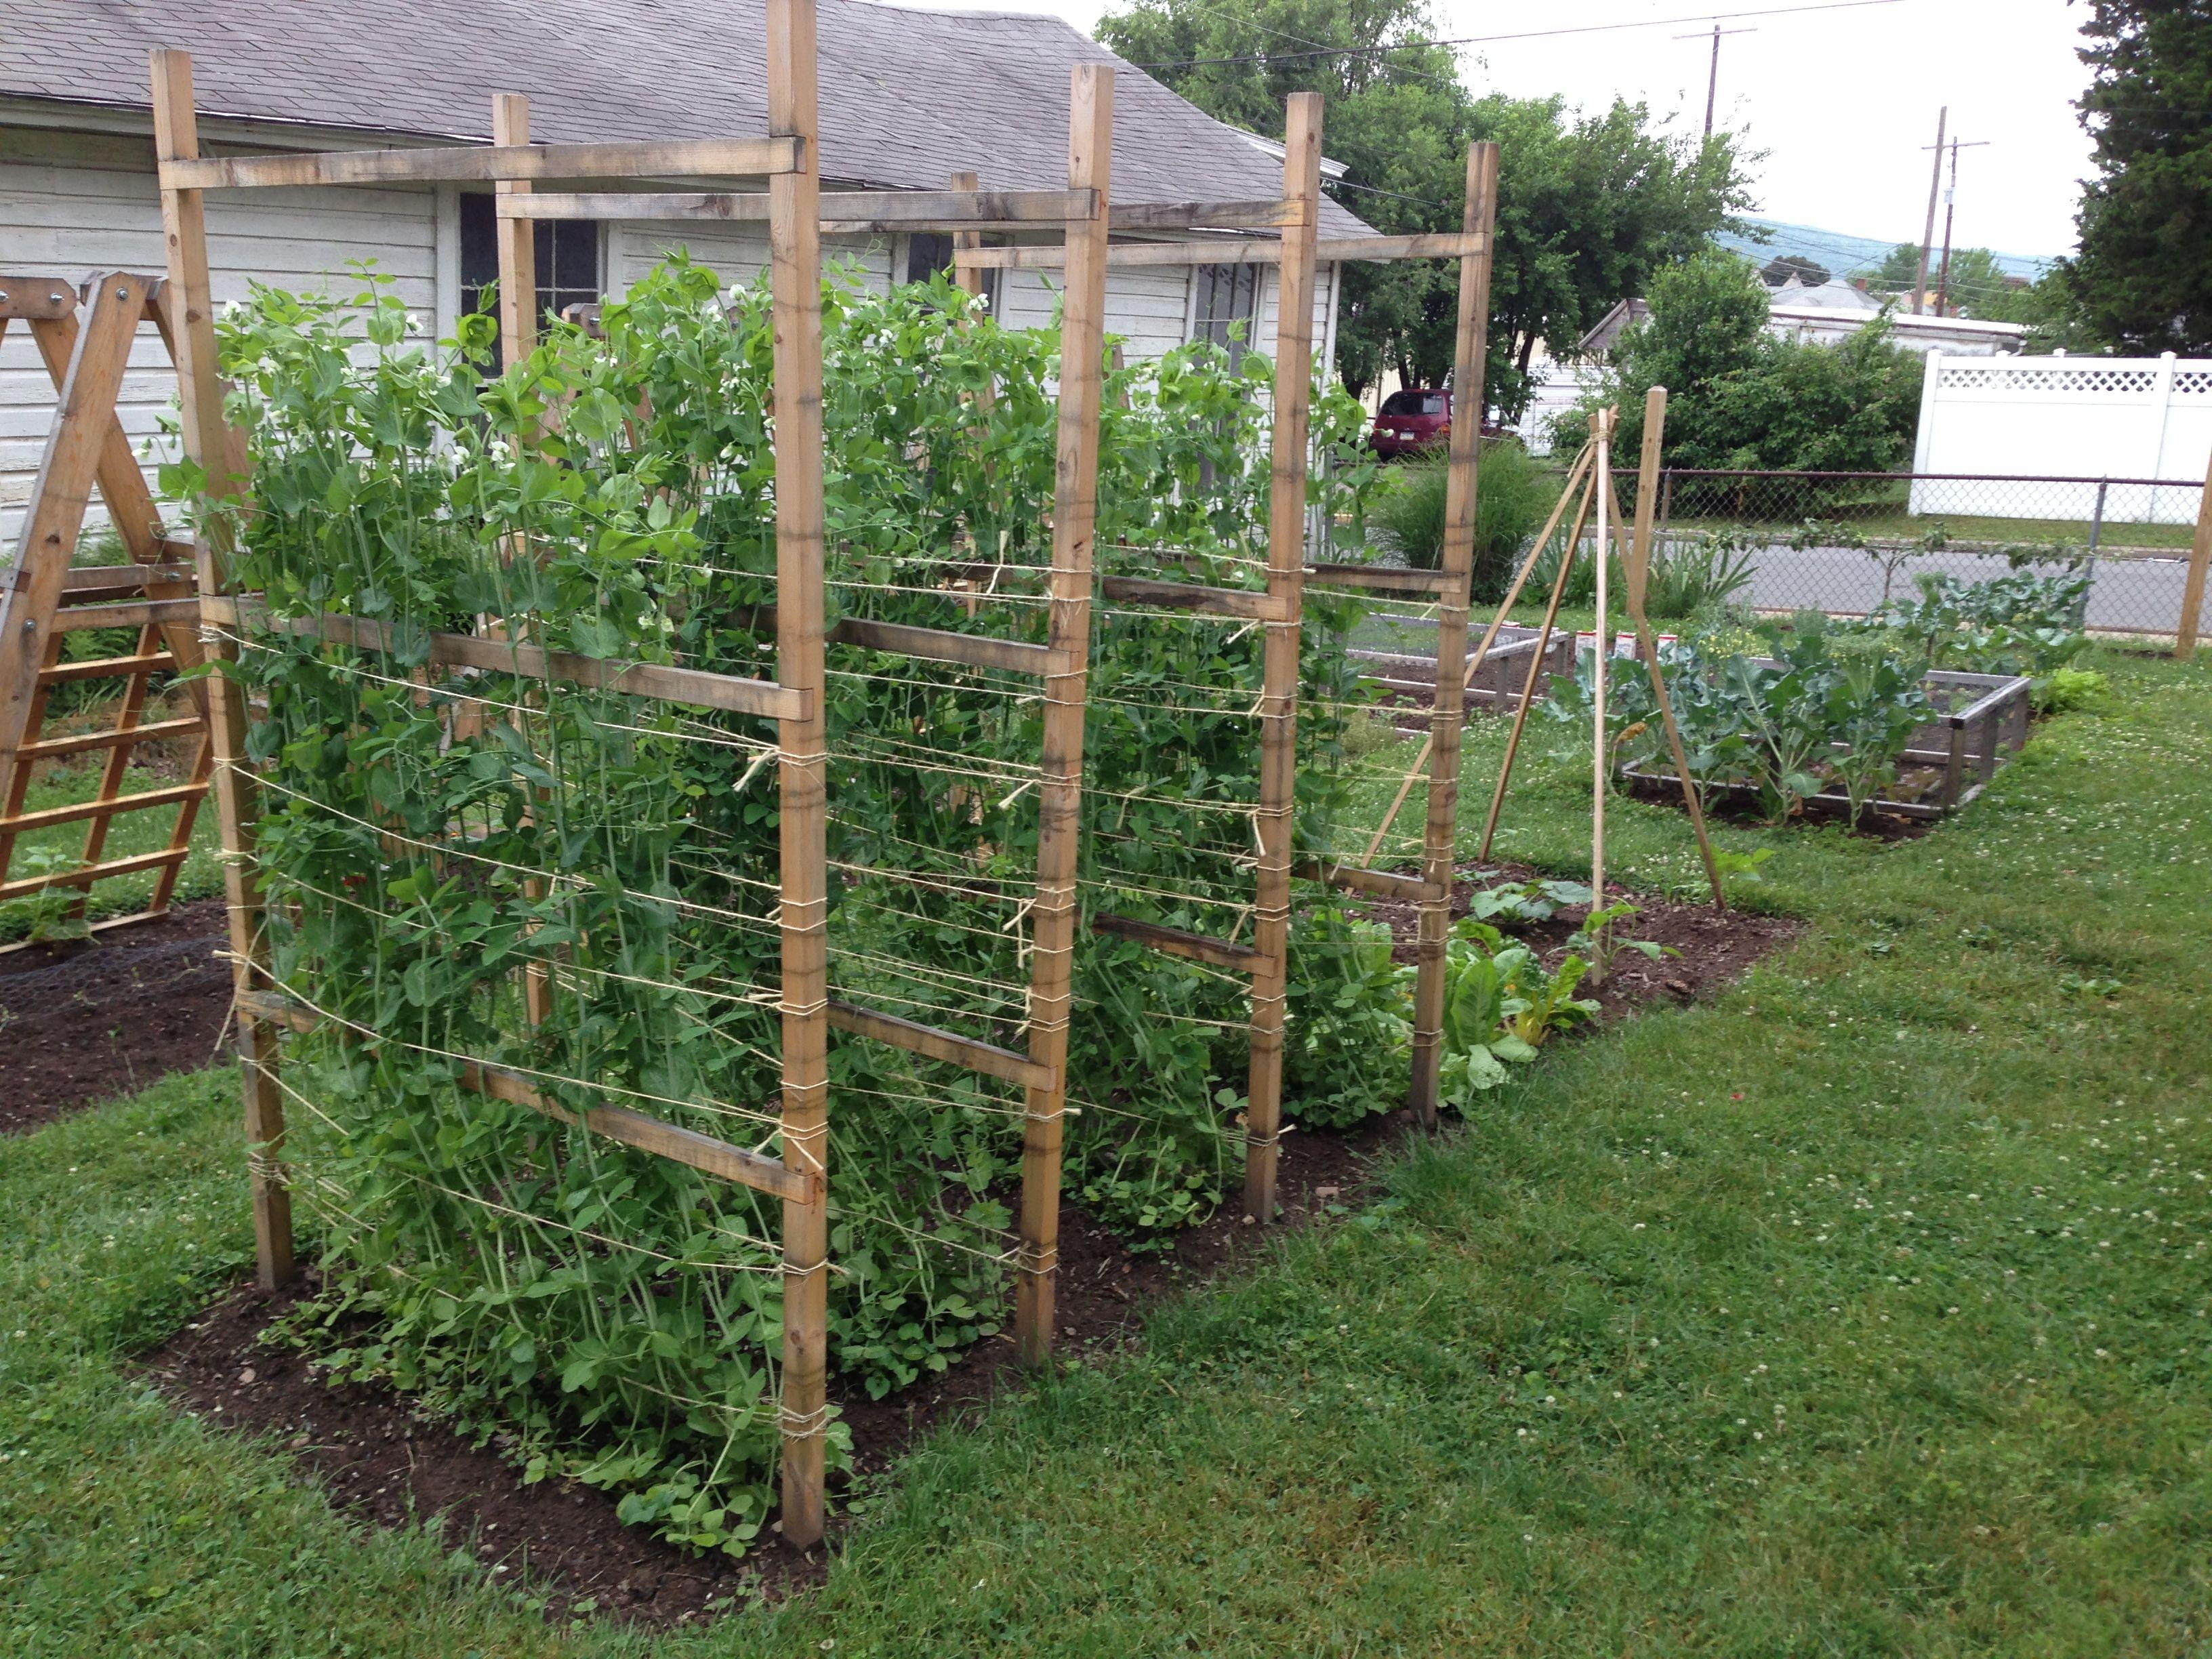 sugar snap peas growing on the pea fences jardin pinterest